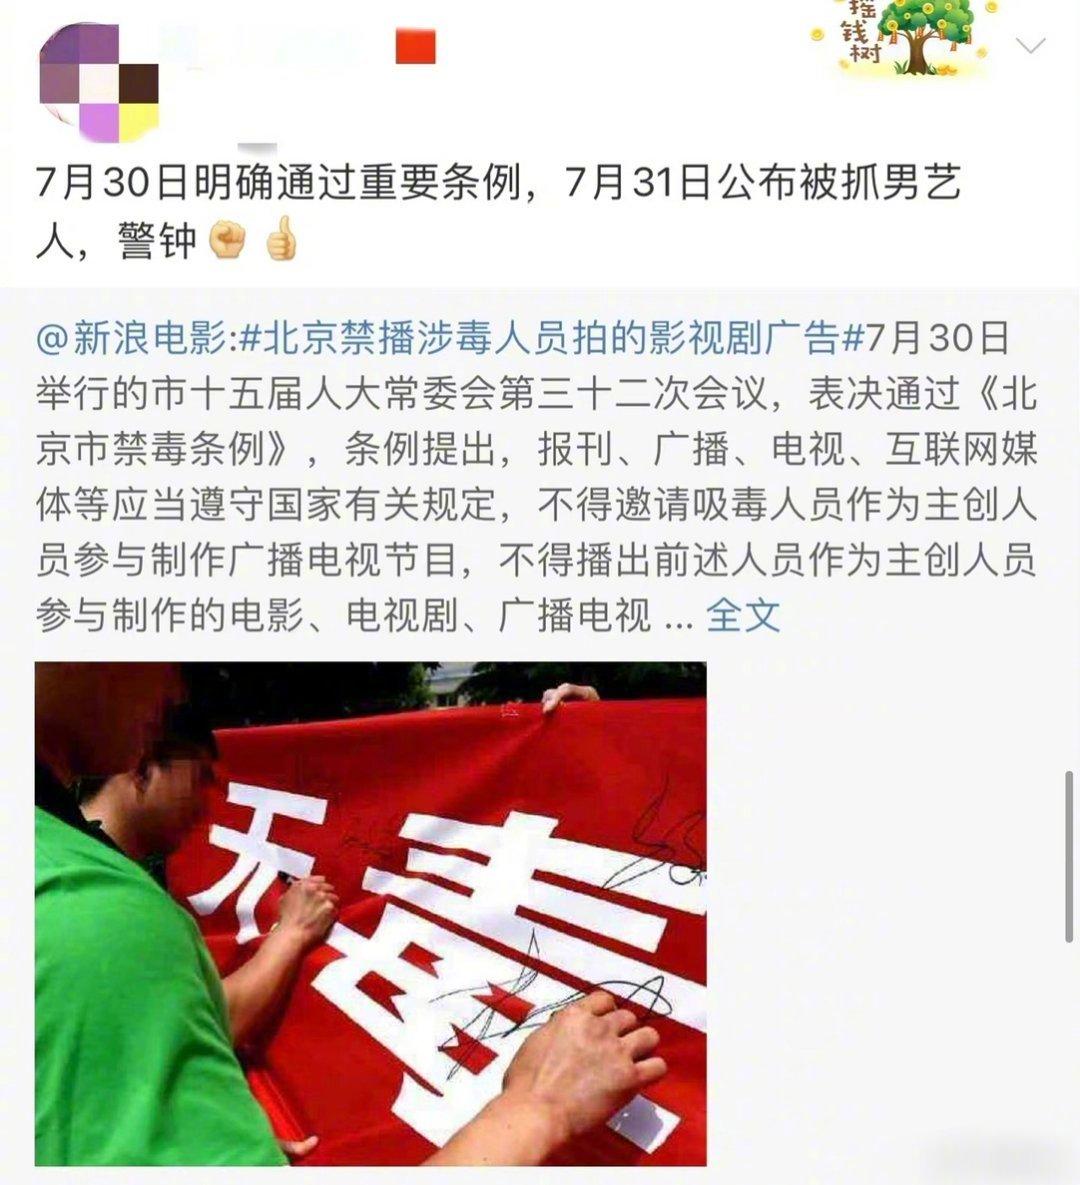 中國禁毒稱吳亦凡涉及新型毒品供應鏈,娛樂圈即將大地震!!!-圖2